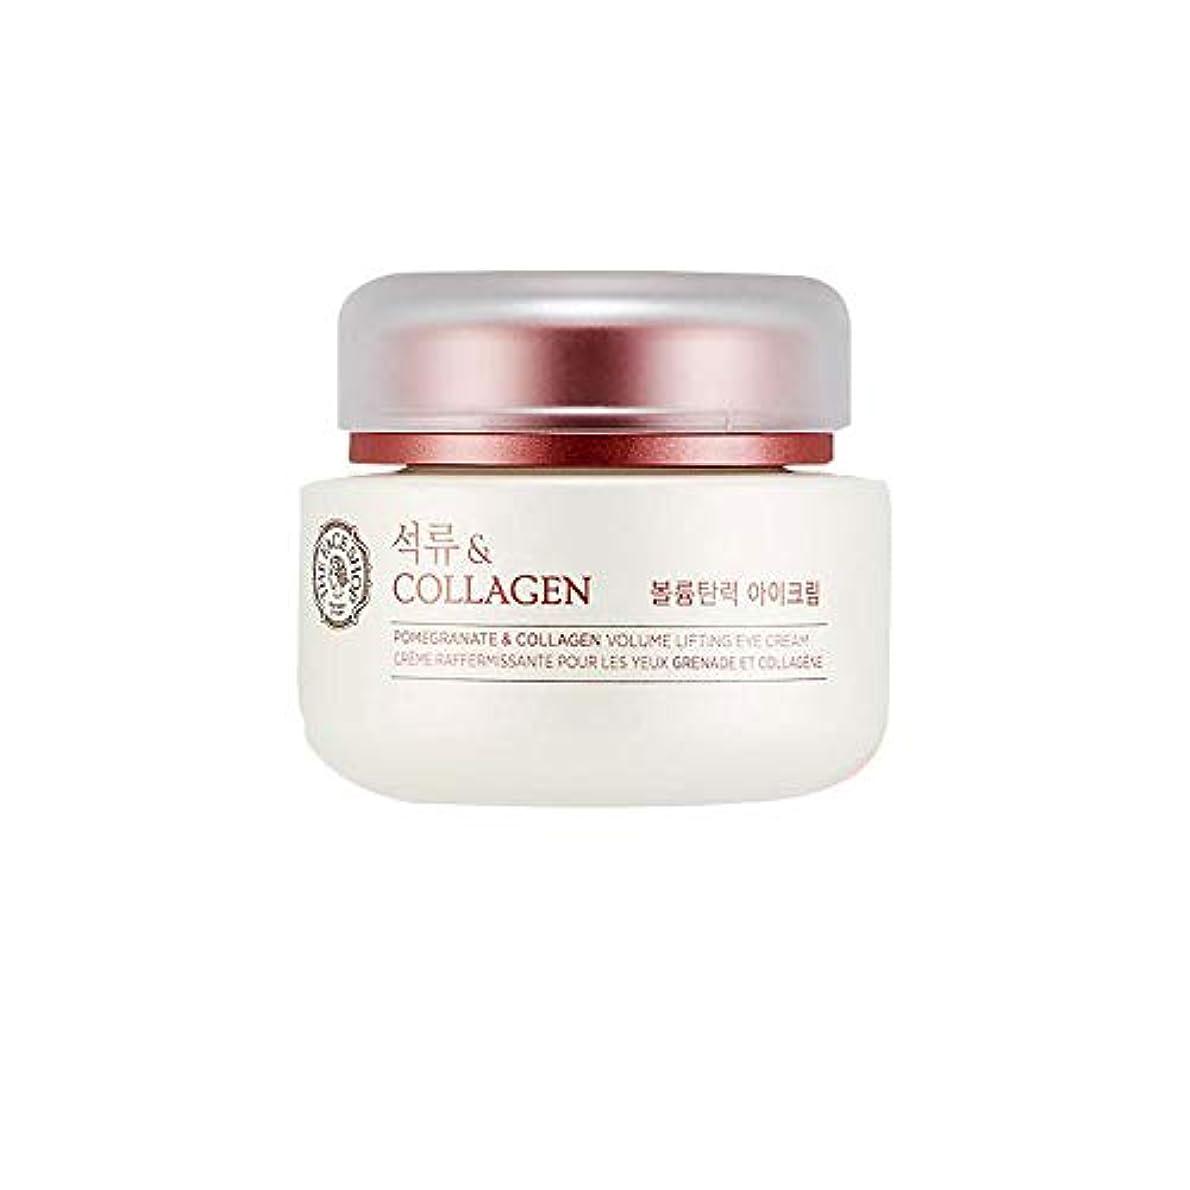 クランシーねばねば破裂[ザ·フェイスショップ]The Face Shop ザクロアンドコラーゲン弾力アイクリーム(50ml) The Face Shop Pomegranate & Collagen Lifting Eye Cream(50ml...